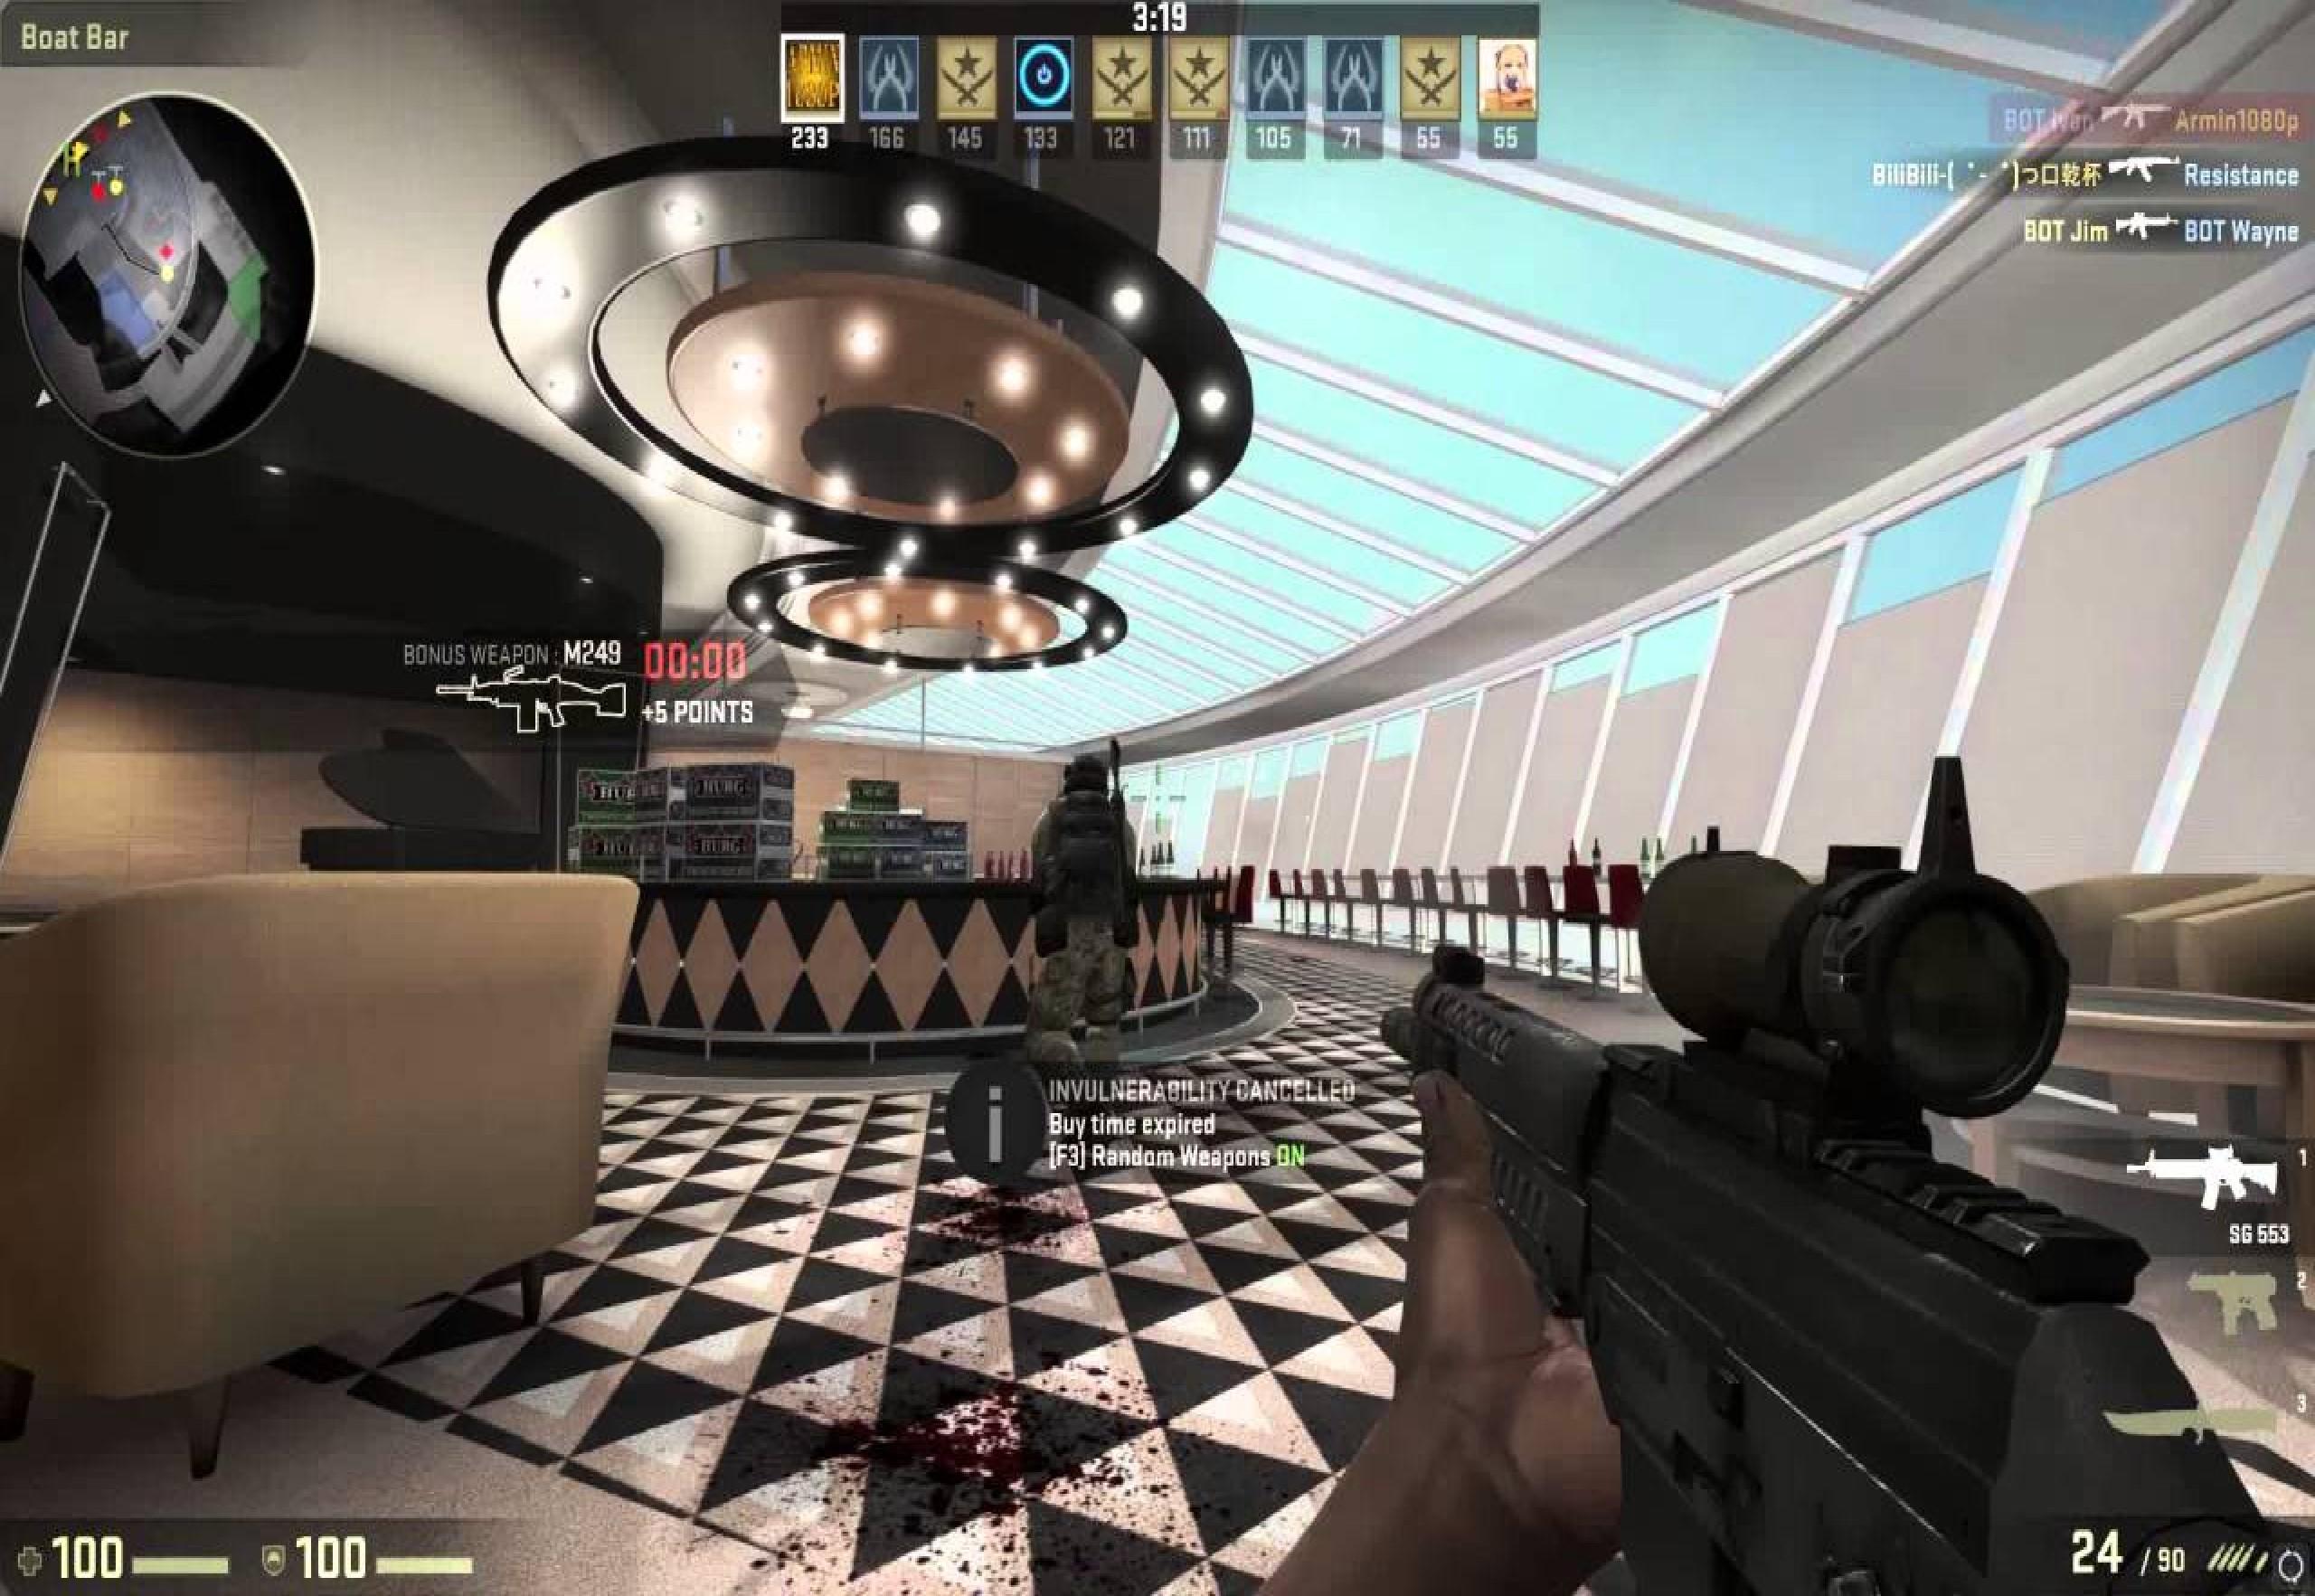 Cómo ver los FPS en CS GO